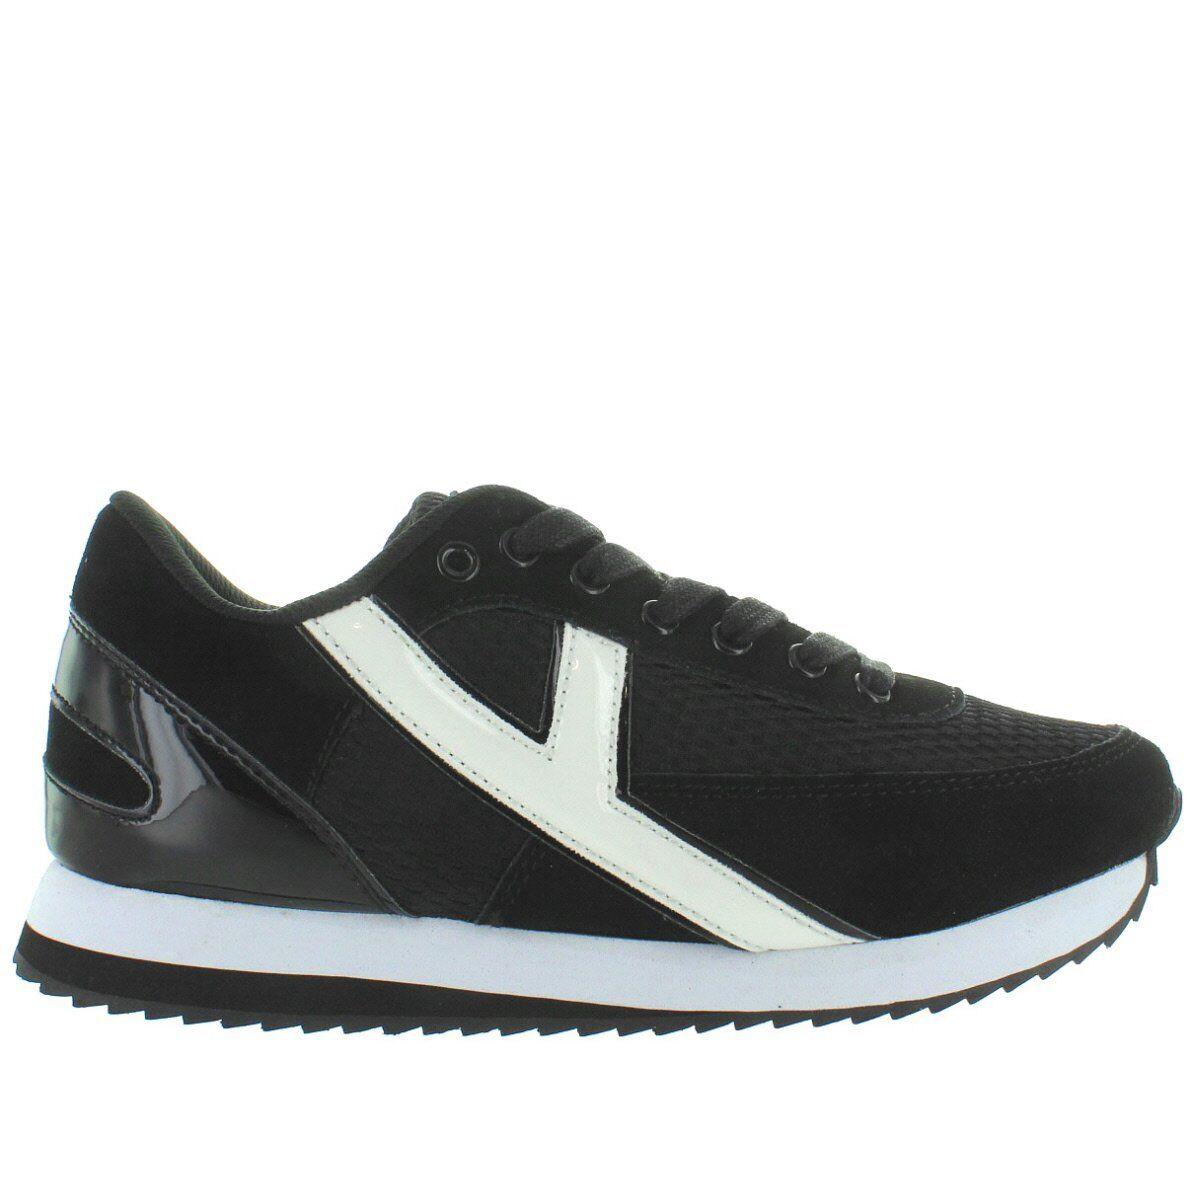 Flash YRU-Negro blancoo Zapatillas de de de plataforma Cuña de encaje  ganancia cero